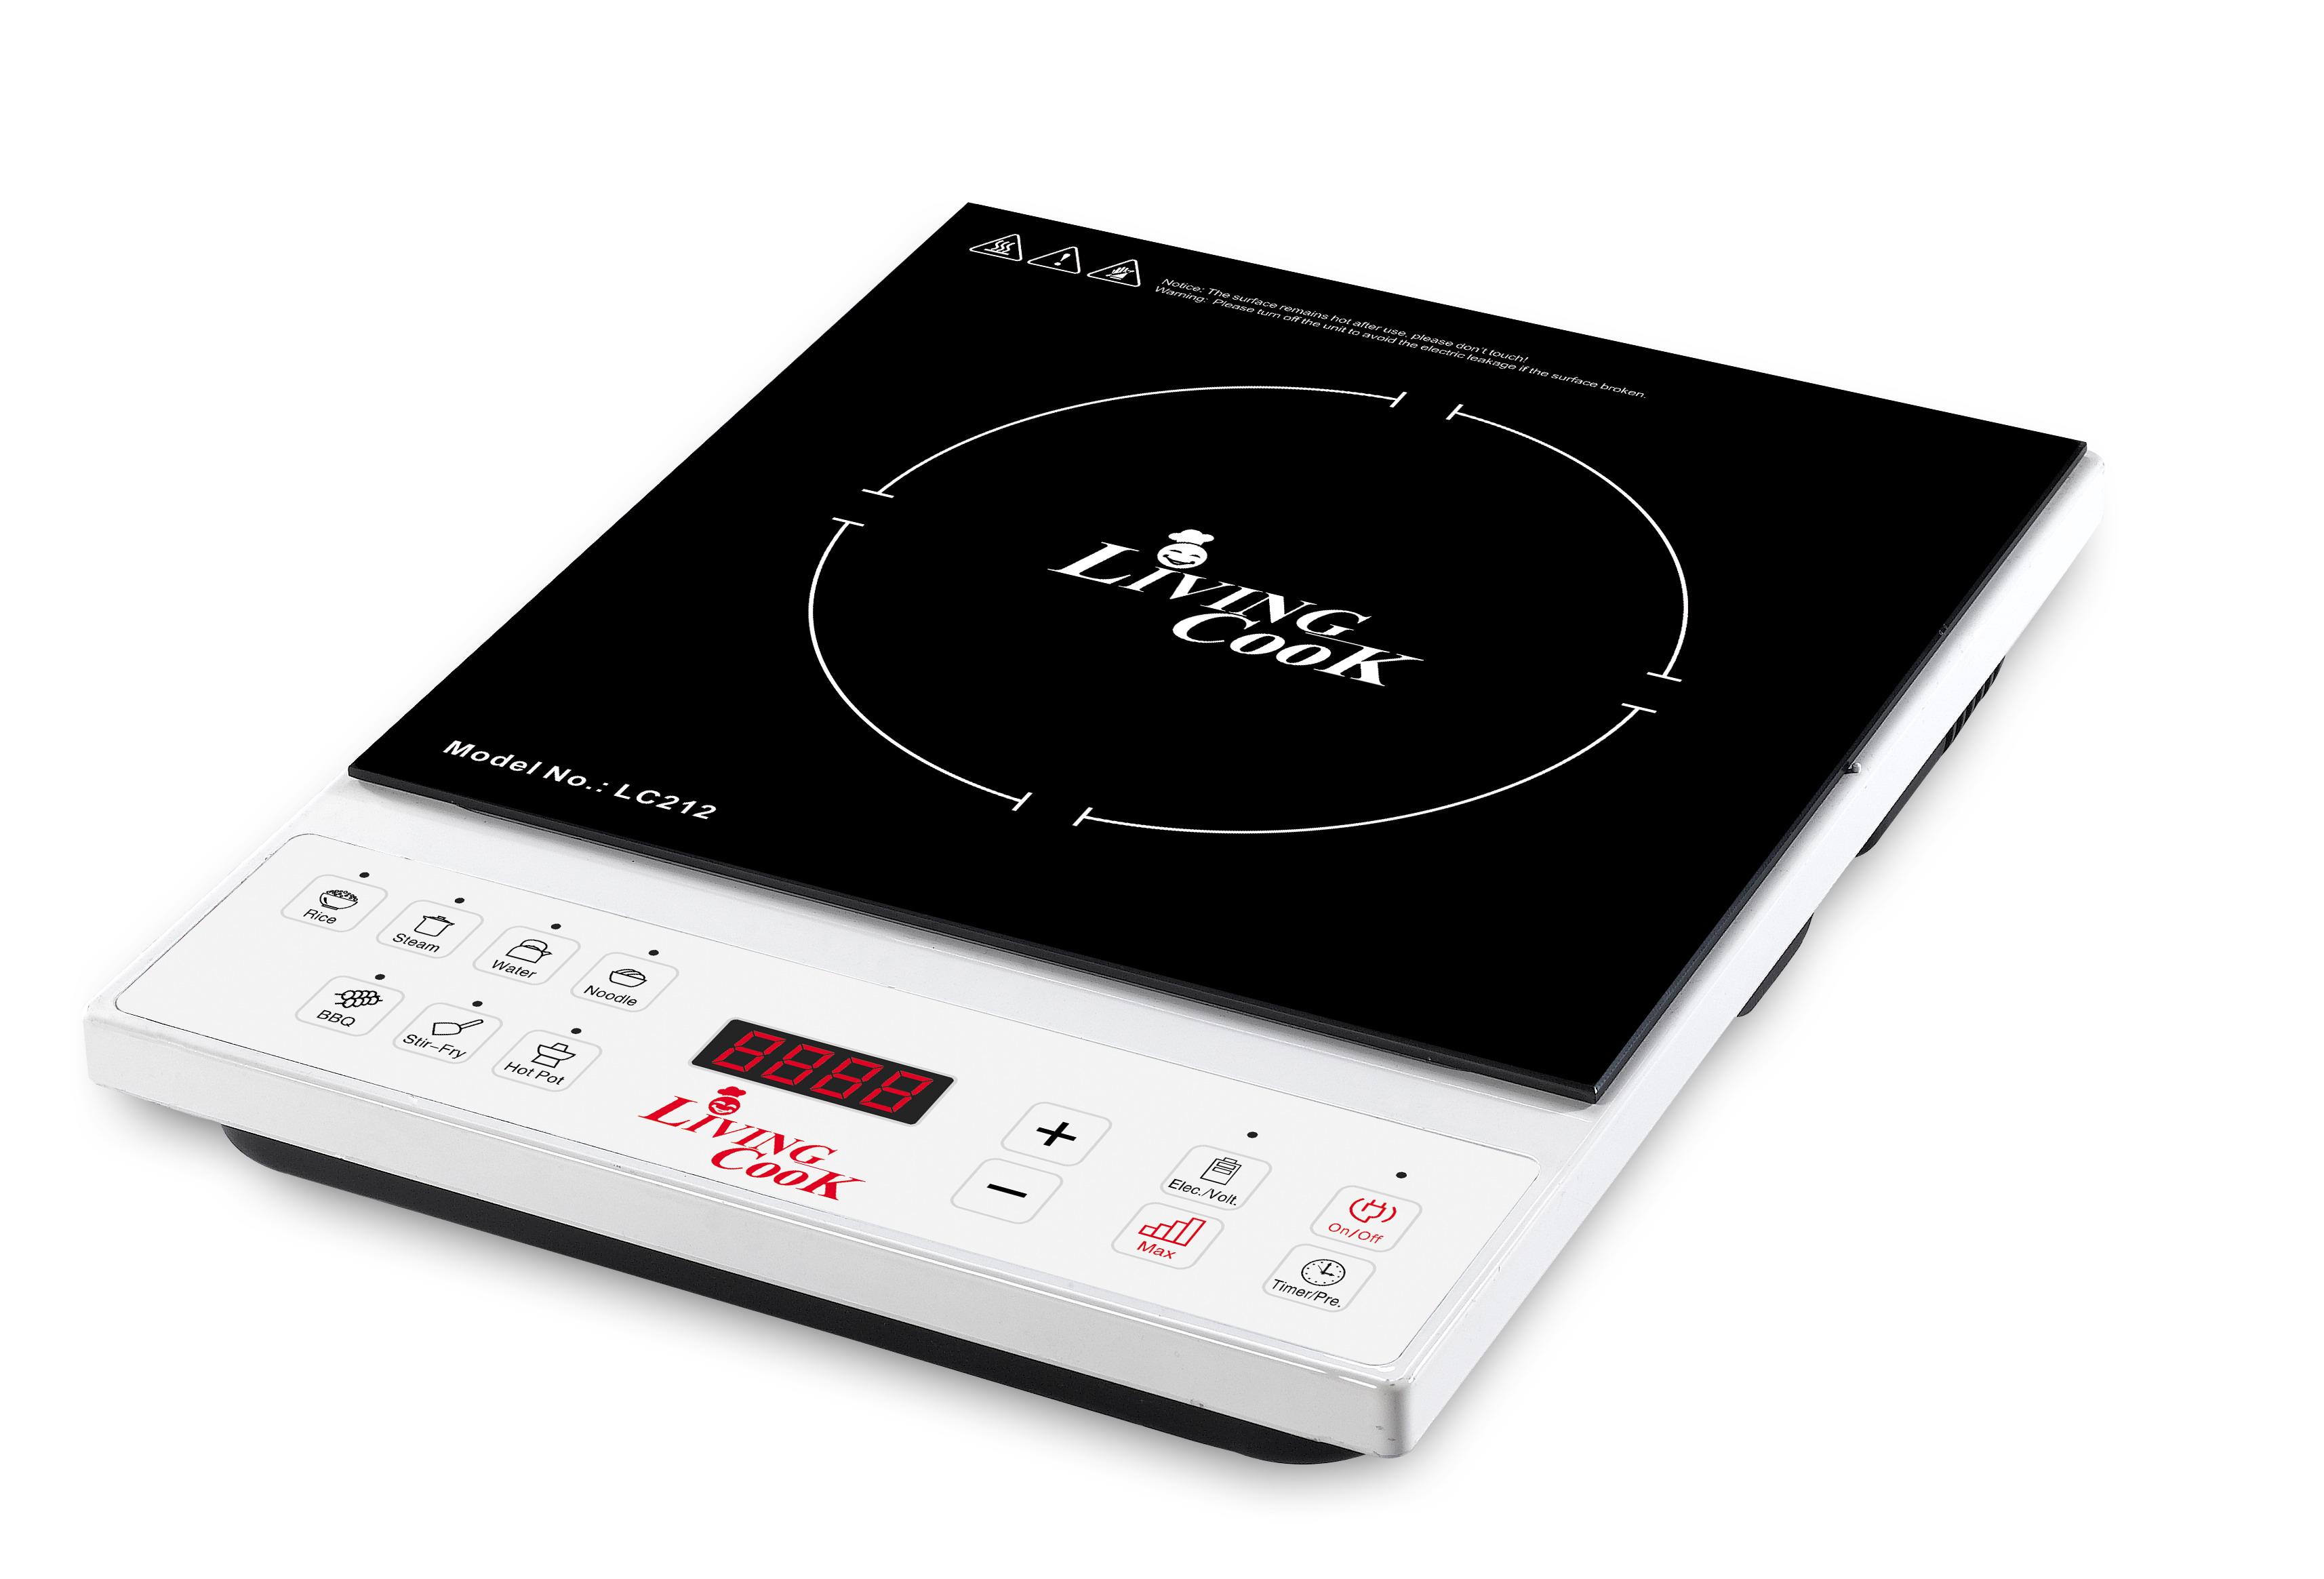 Các nút điều khiển trên bếp từ